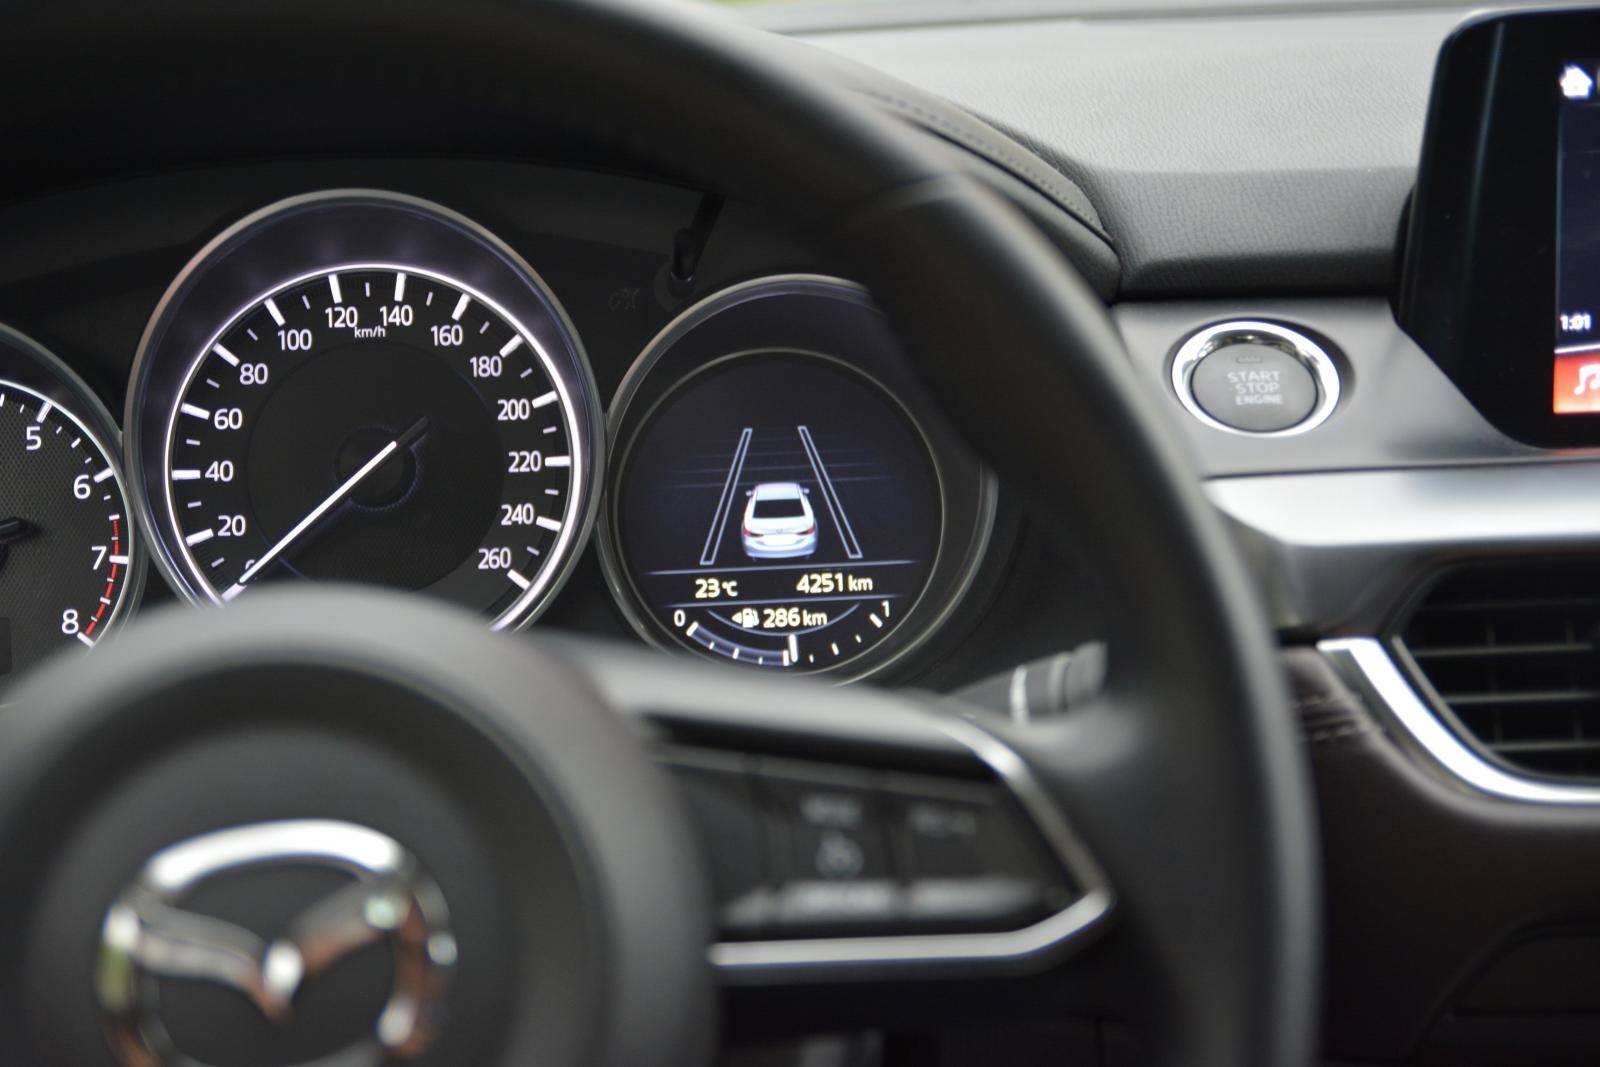 2017 Mazda6 Bilgi Ekranı